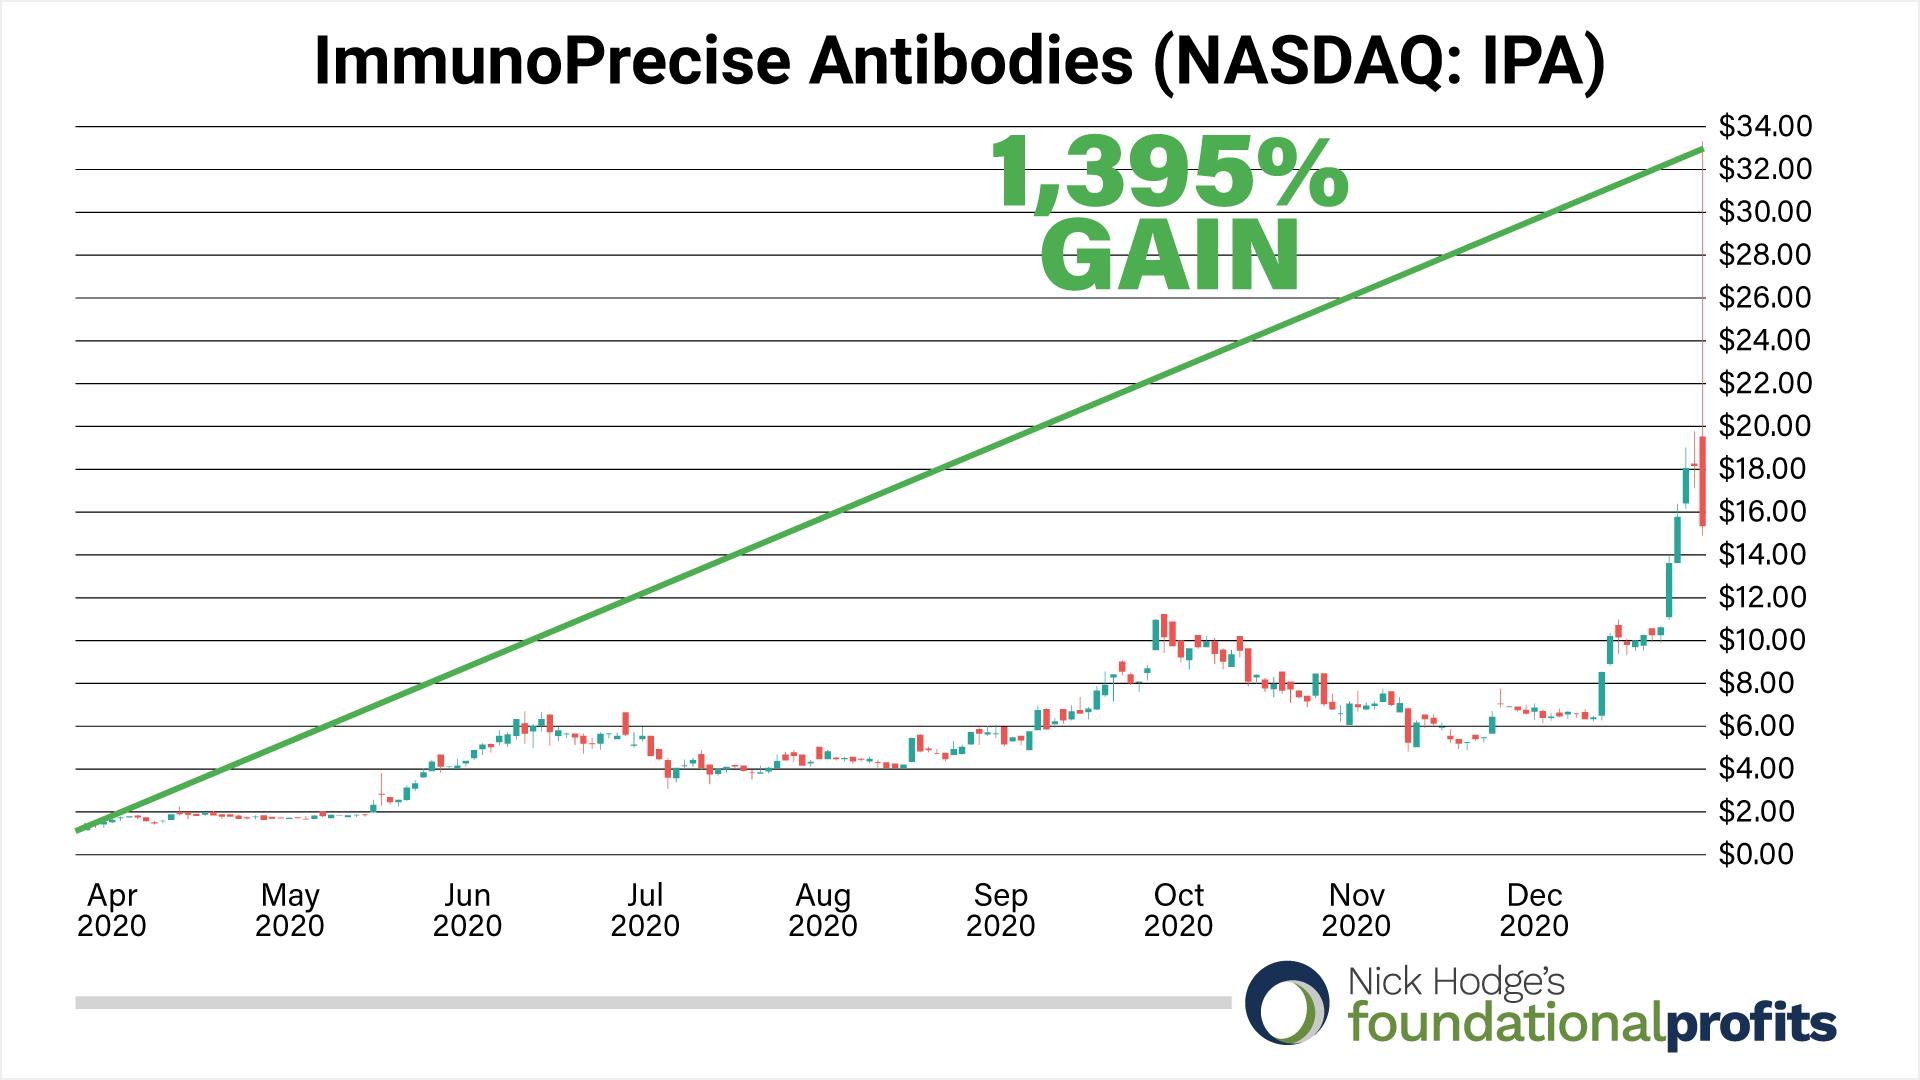 immunoprecise-antibodies